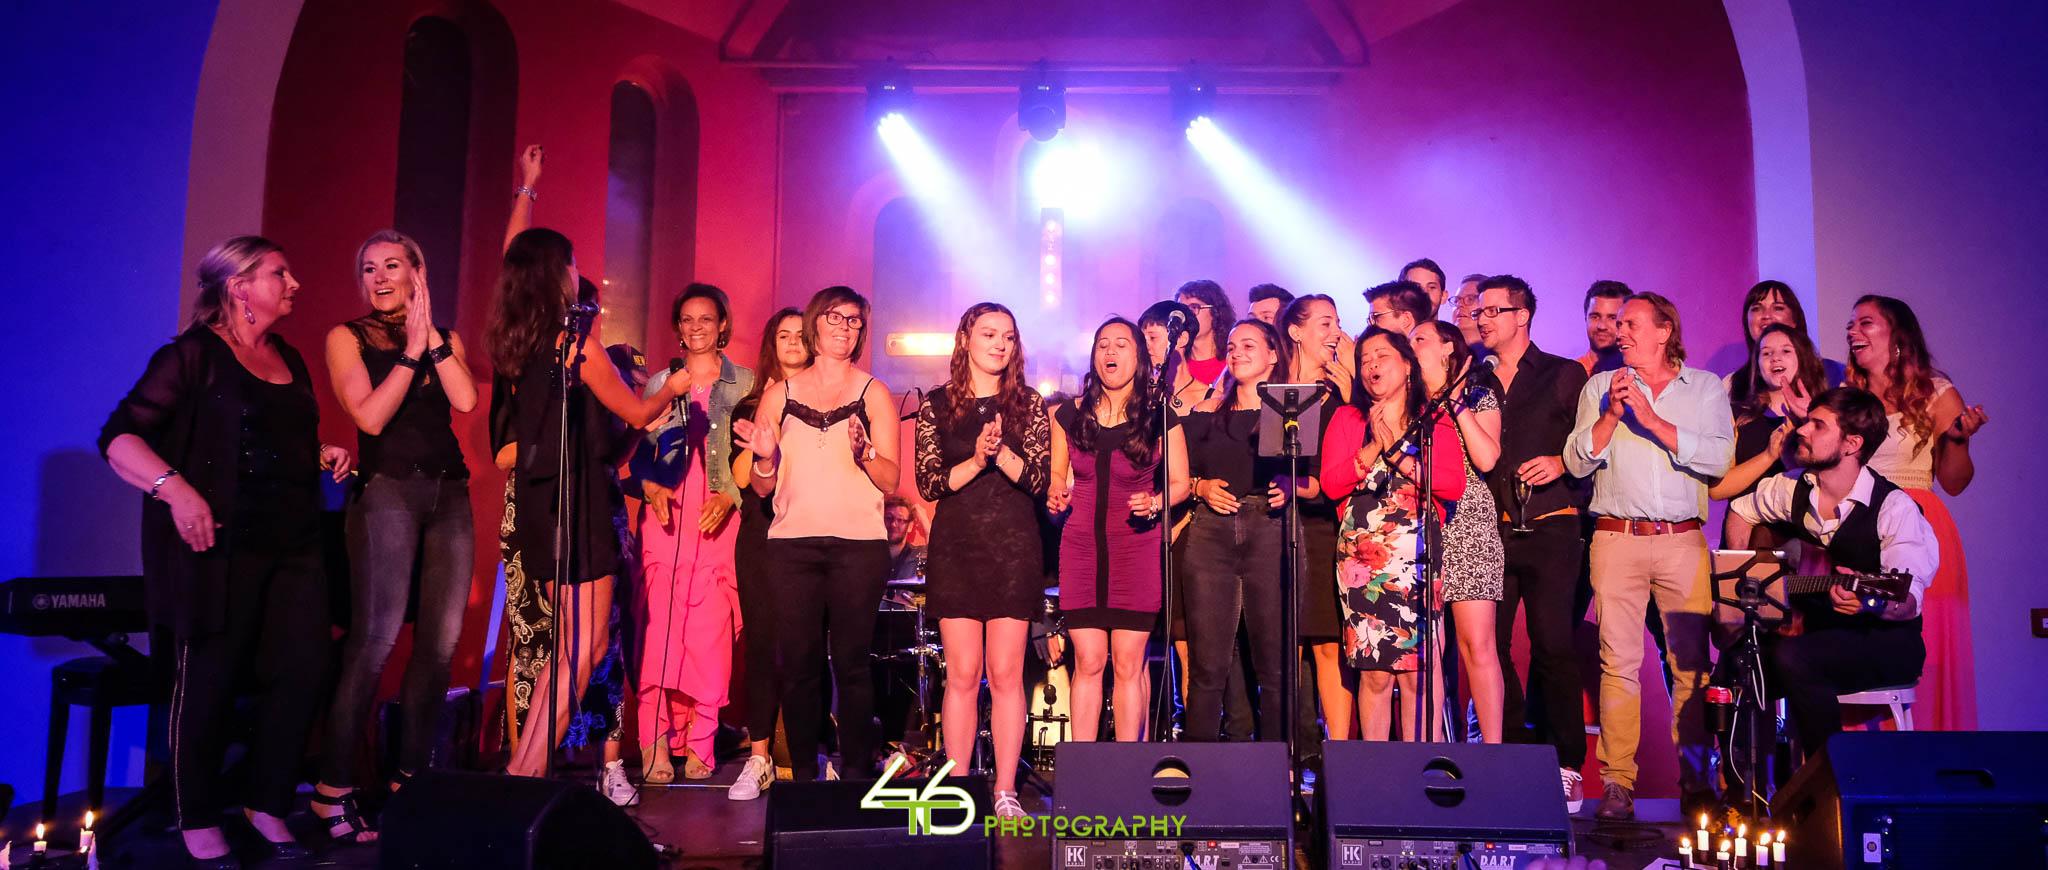 VocalStudio Student Concert